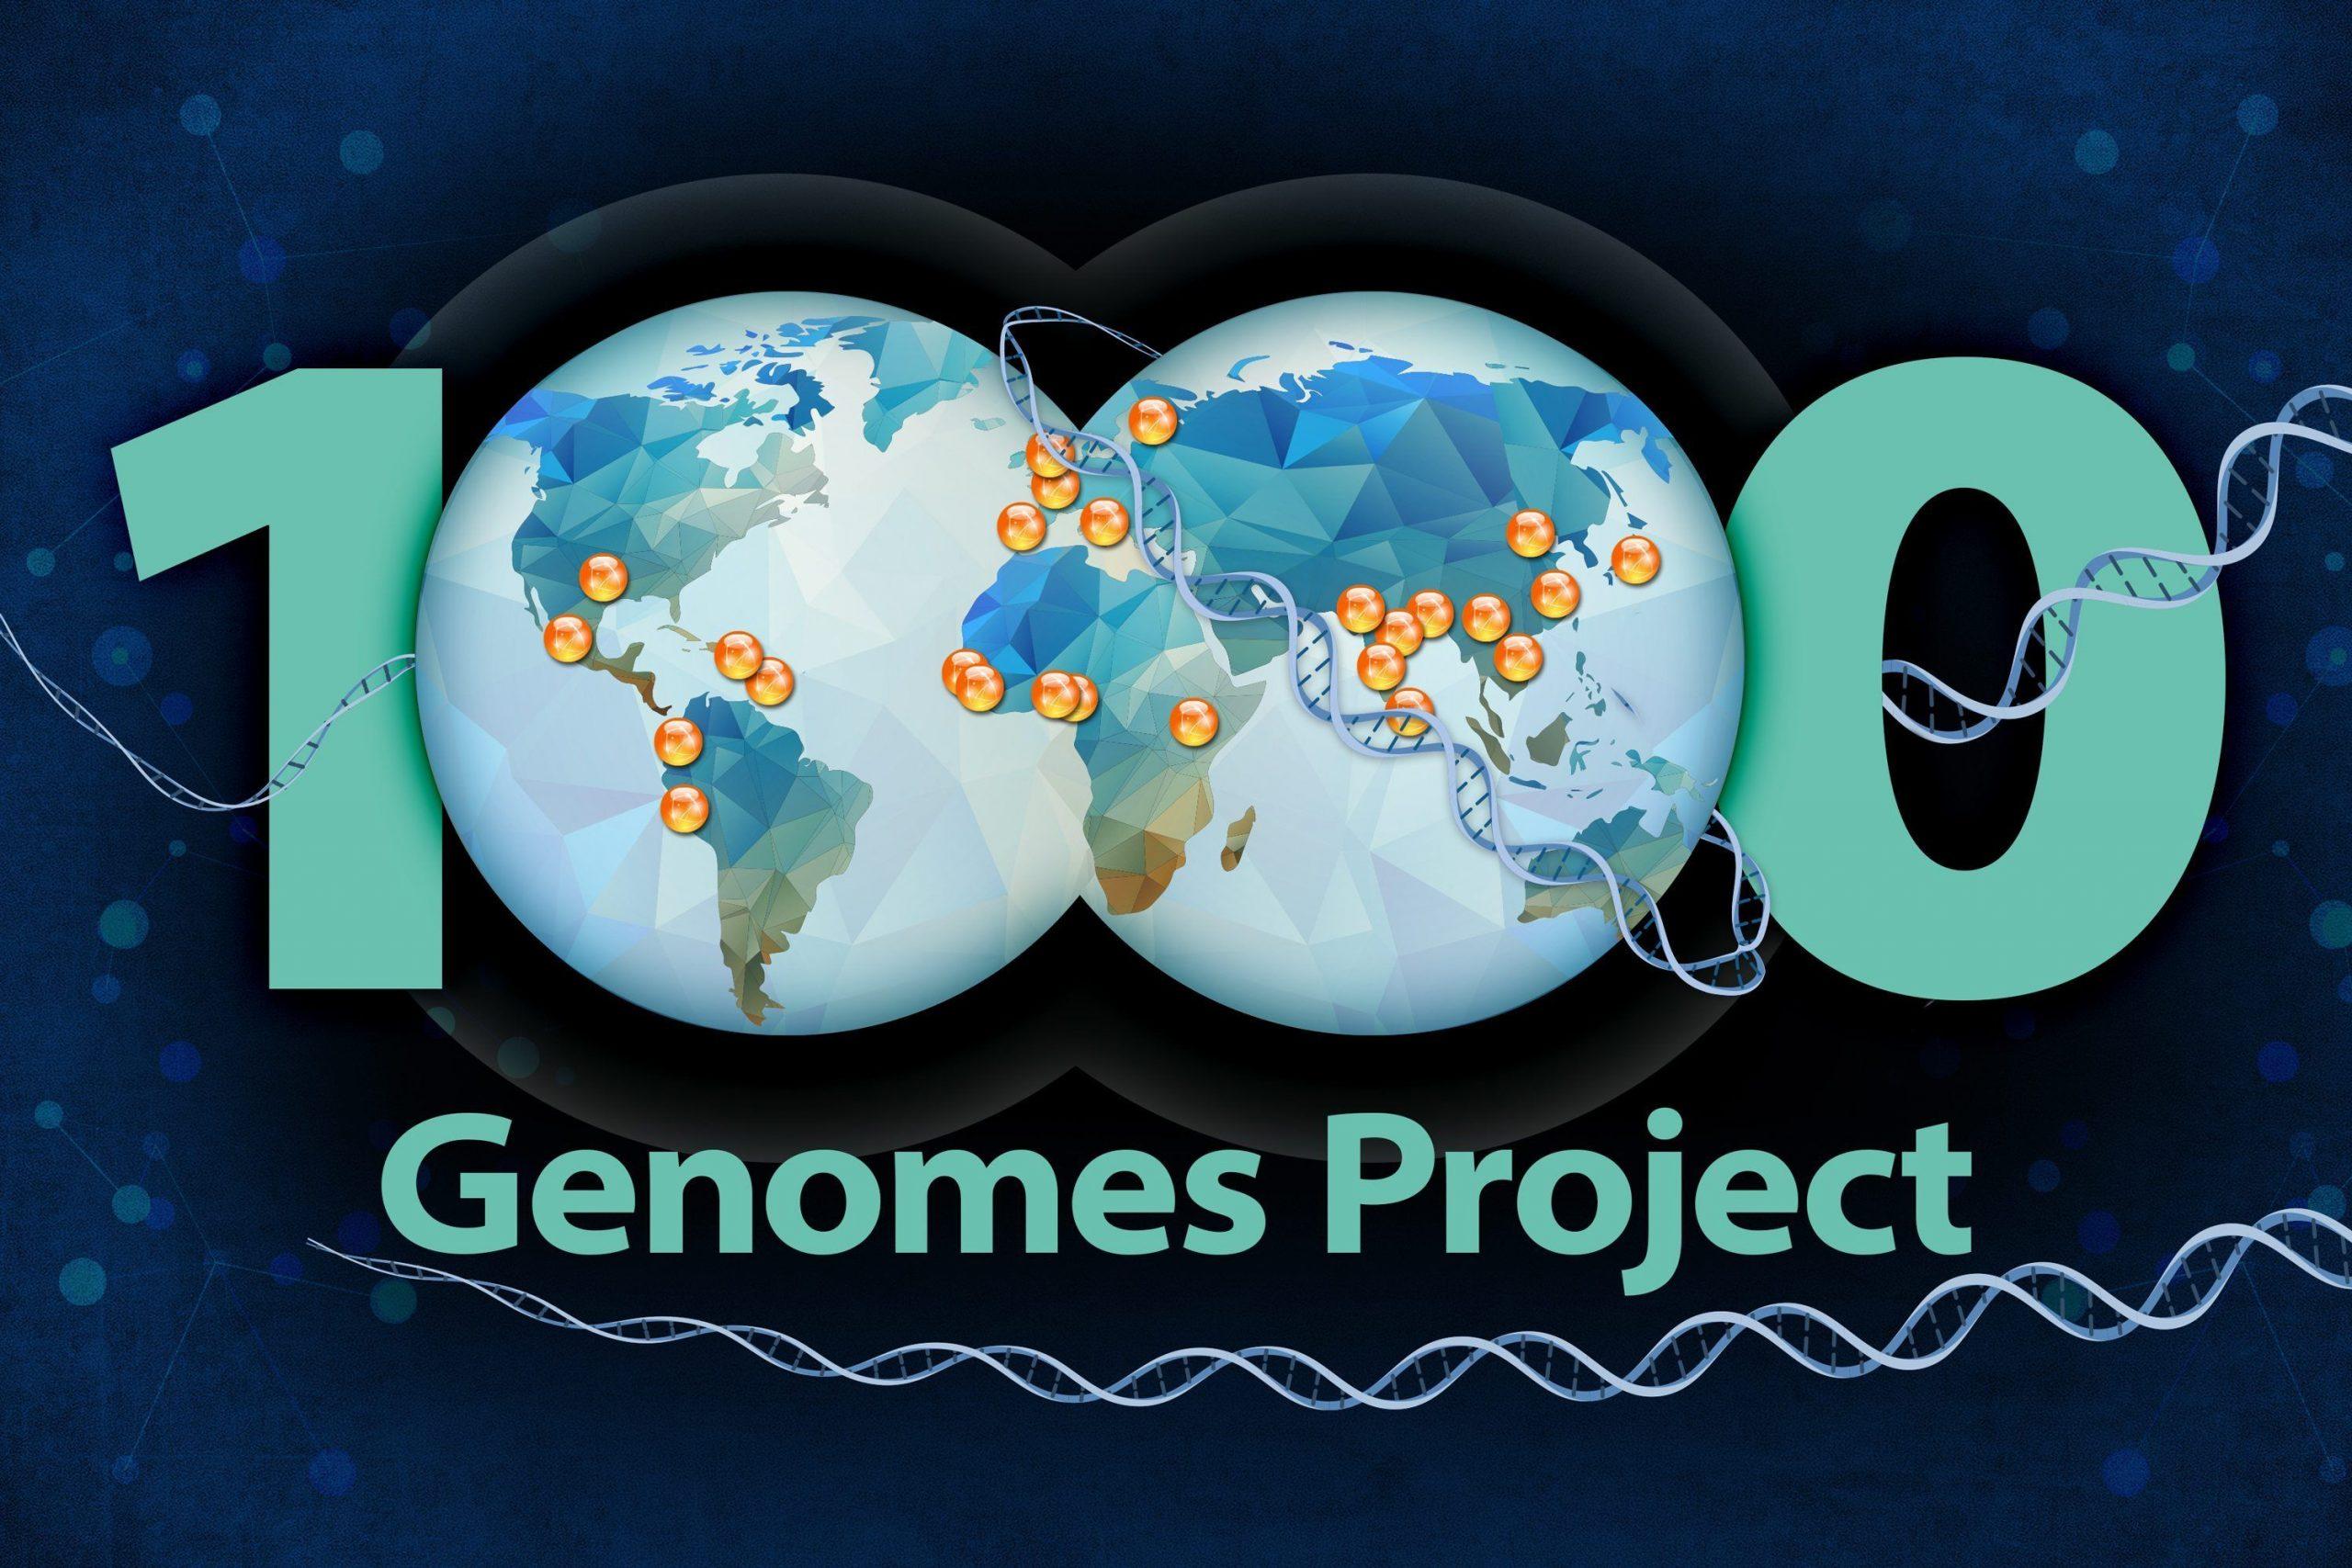 El proyecto 1.000 genomas proporciona el mayor catálogo de variación genómica humana hasta la fecha. Imagen: Ernesto del Aguila III, National Human Genome Research Institute, National Institute of Health (https://www.genome.gov).